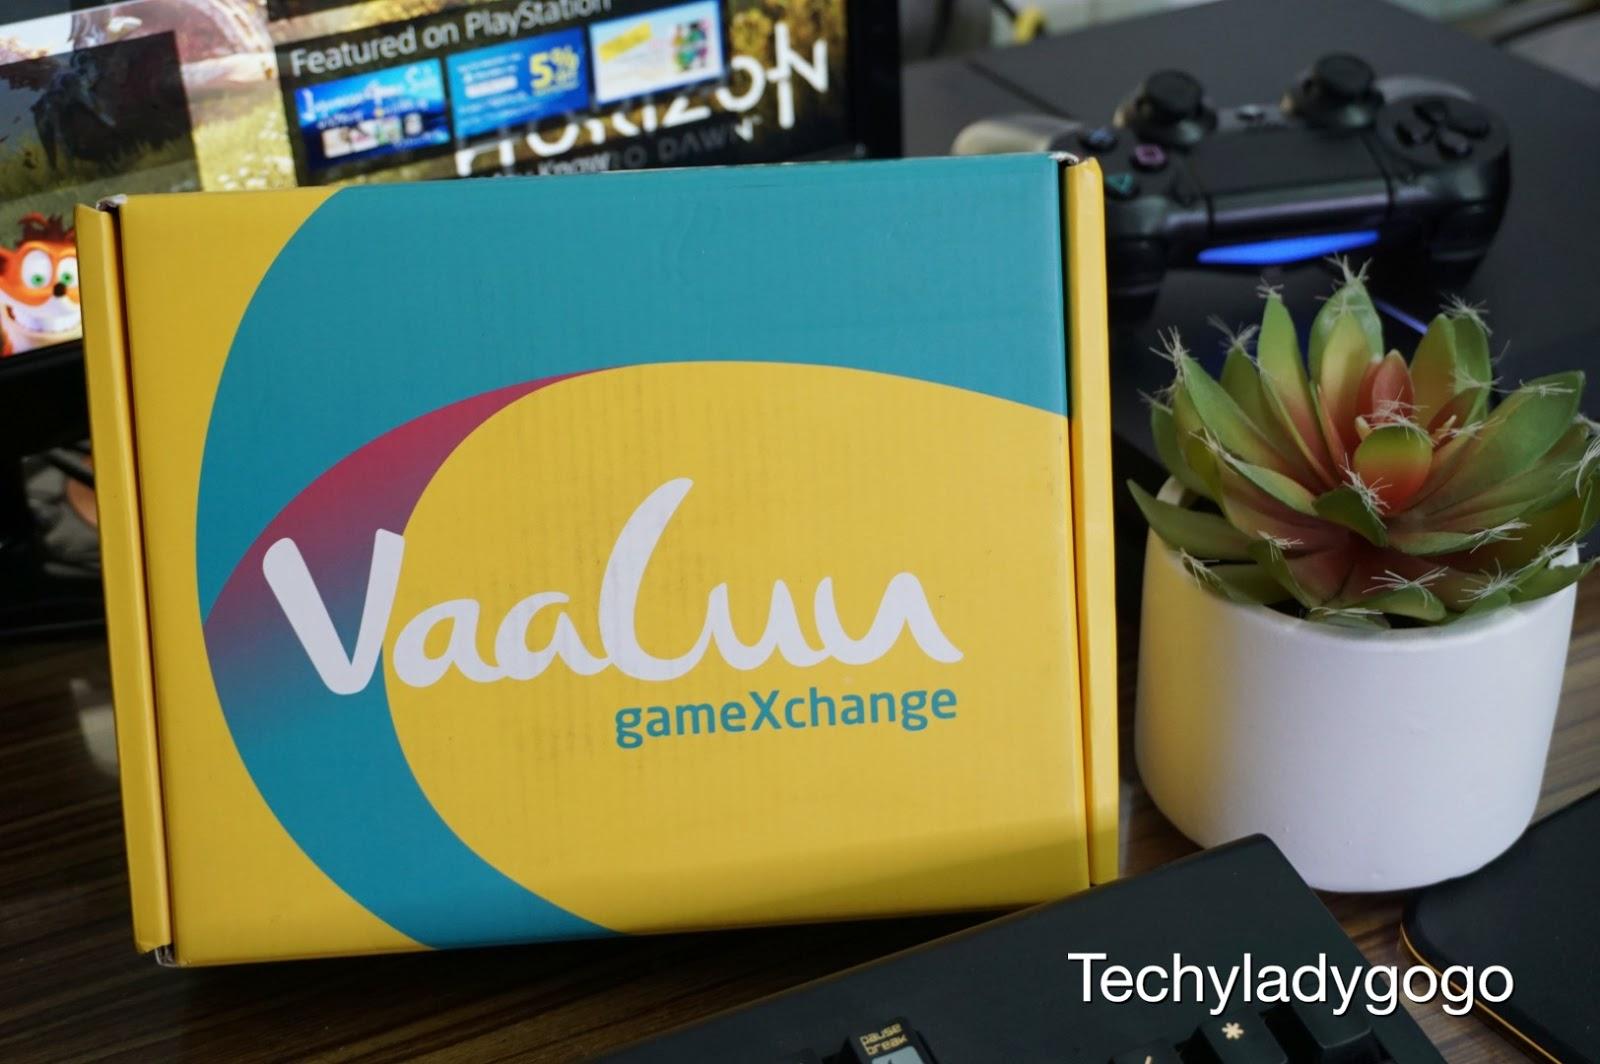 รีวิว แกะกล่อง สั่งแผ่นเกมมือสอง จากเว็บ VaaLuu.com gameXchange